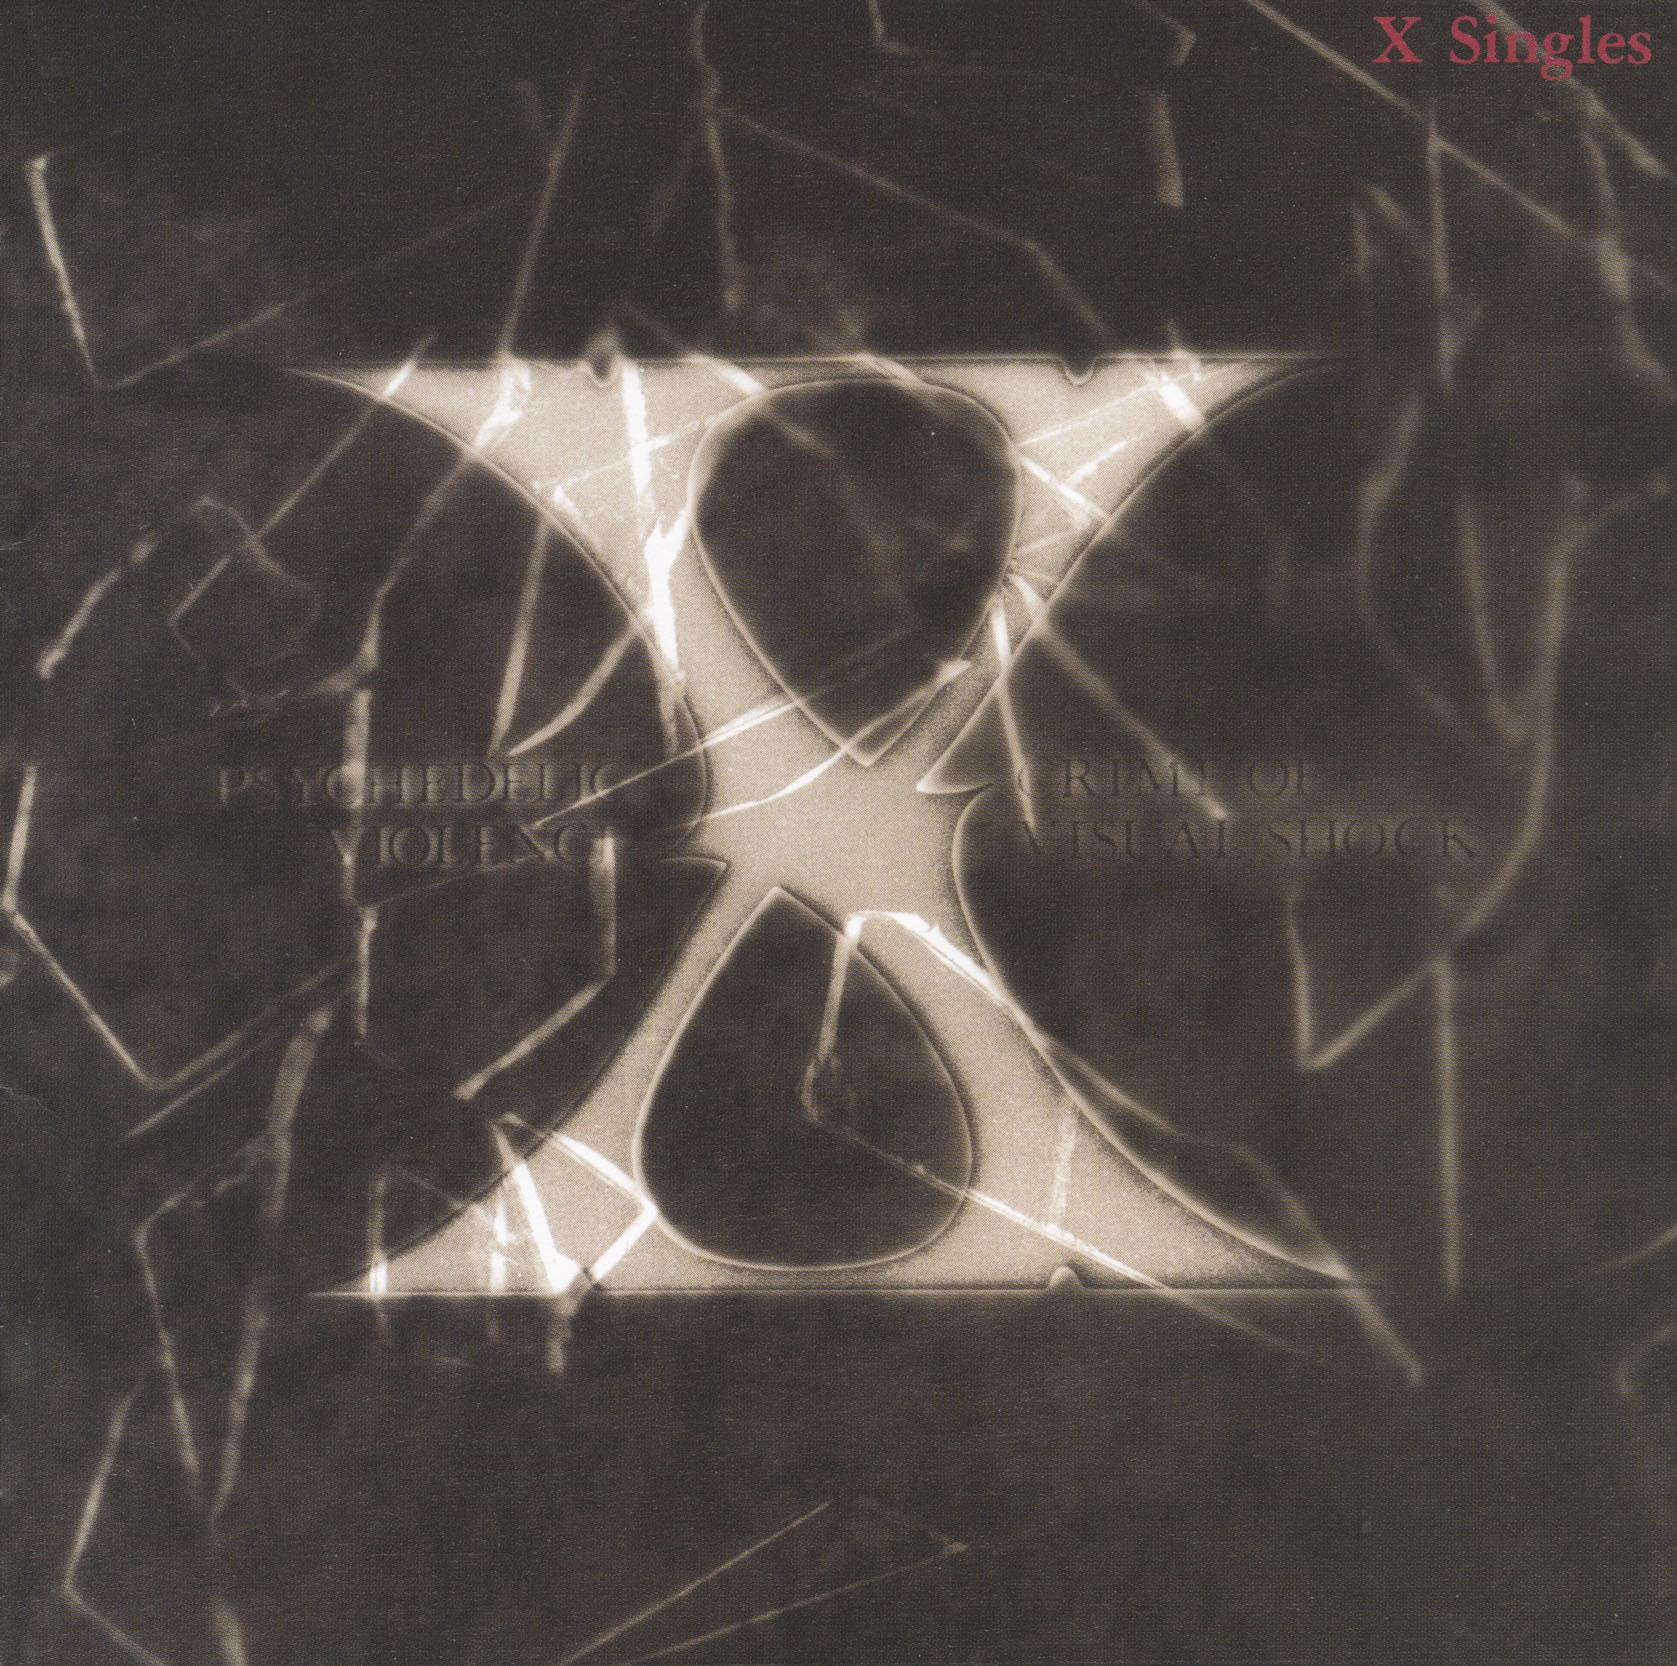 アルバム『X Singles』